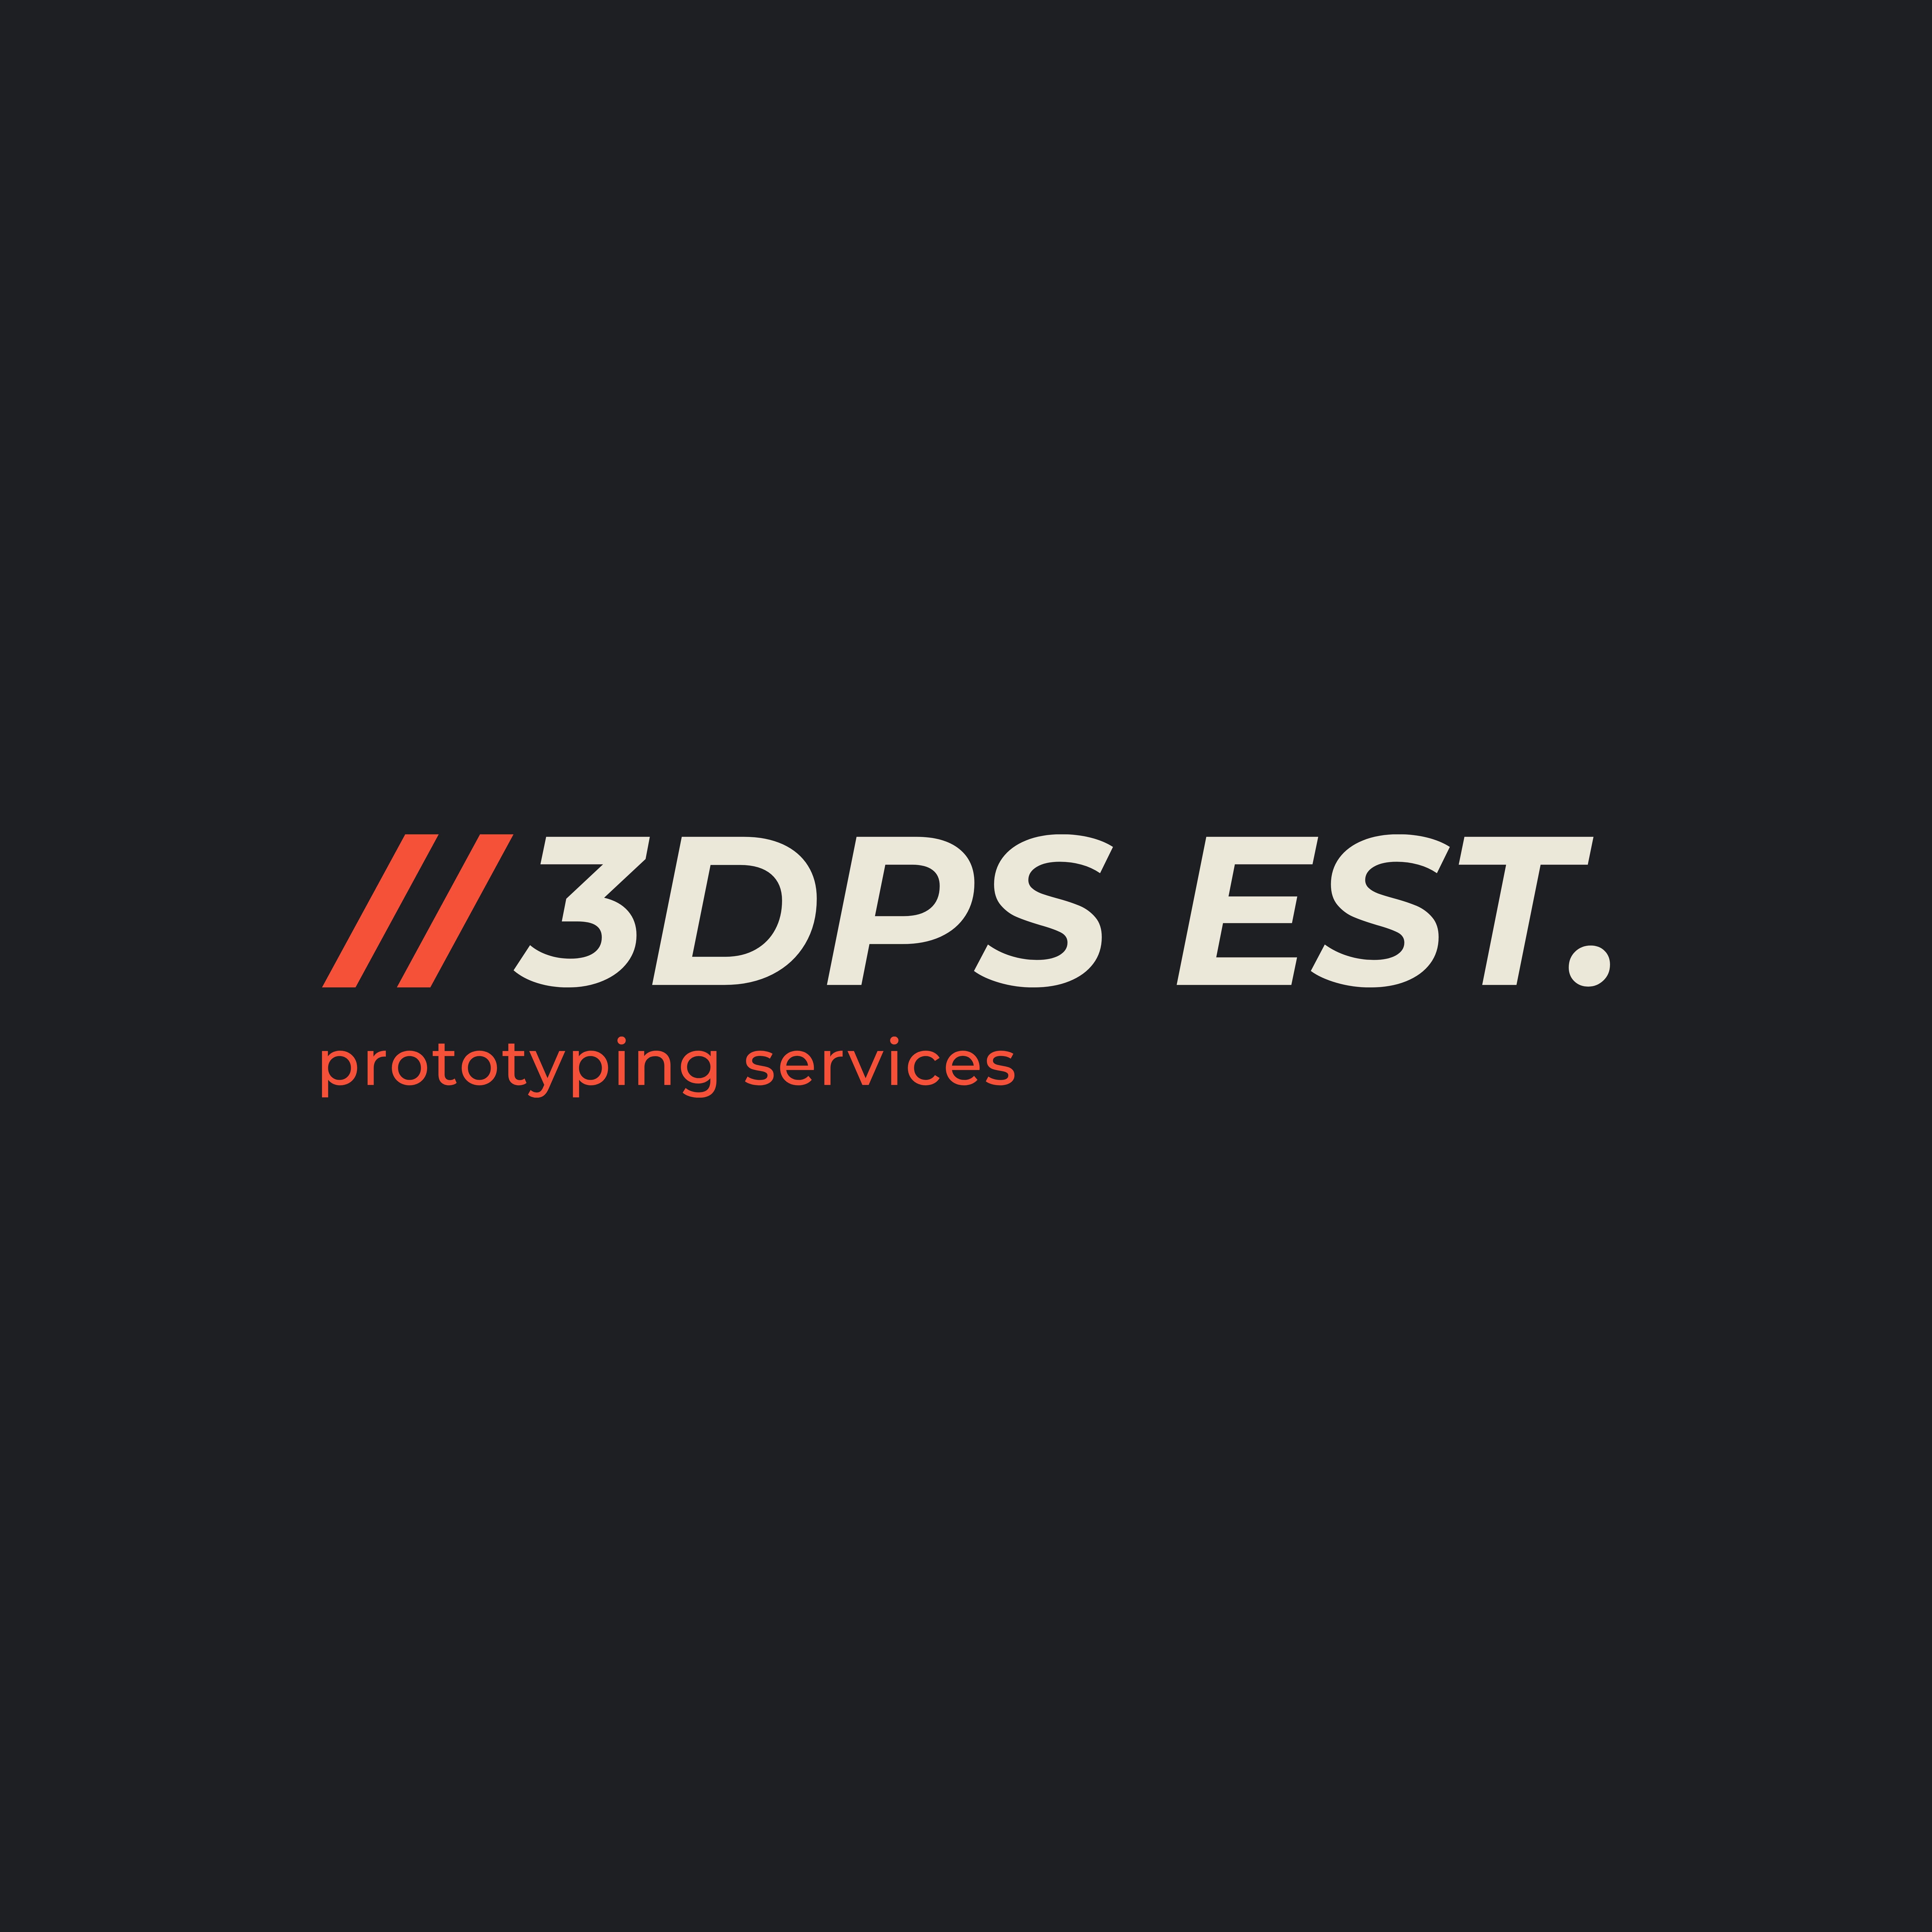 3DPS Est.